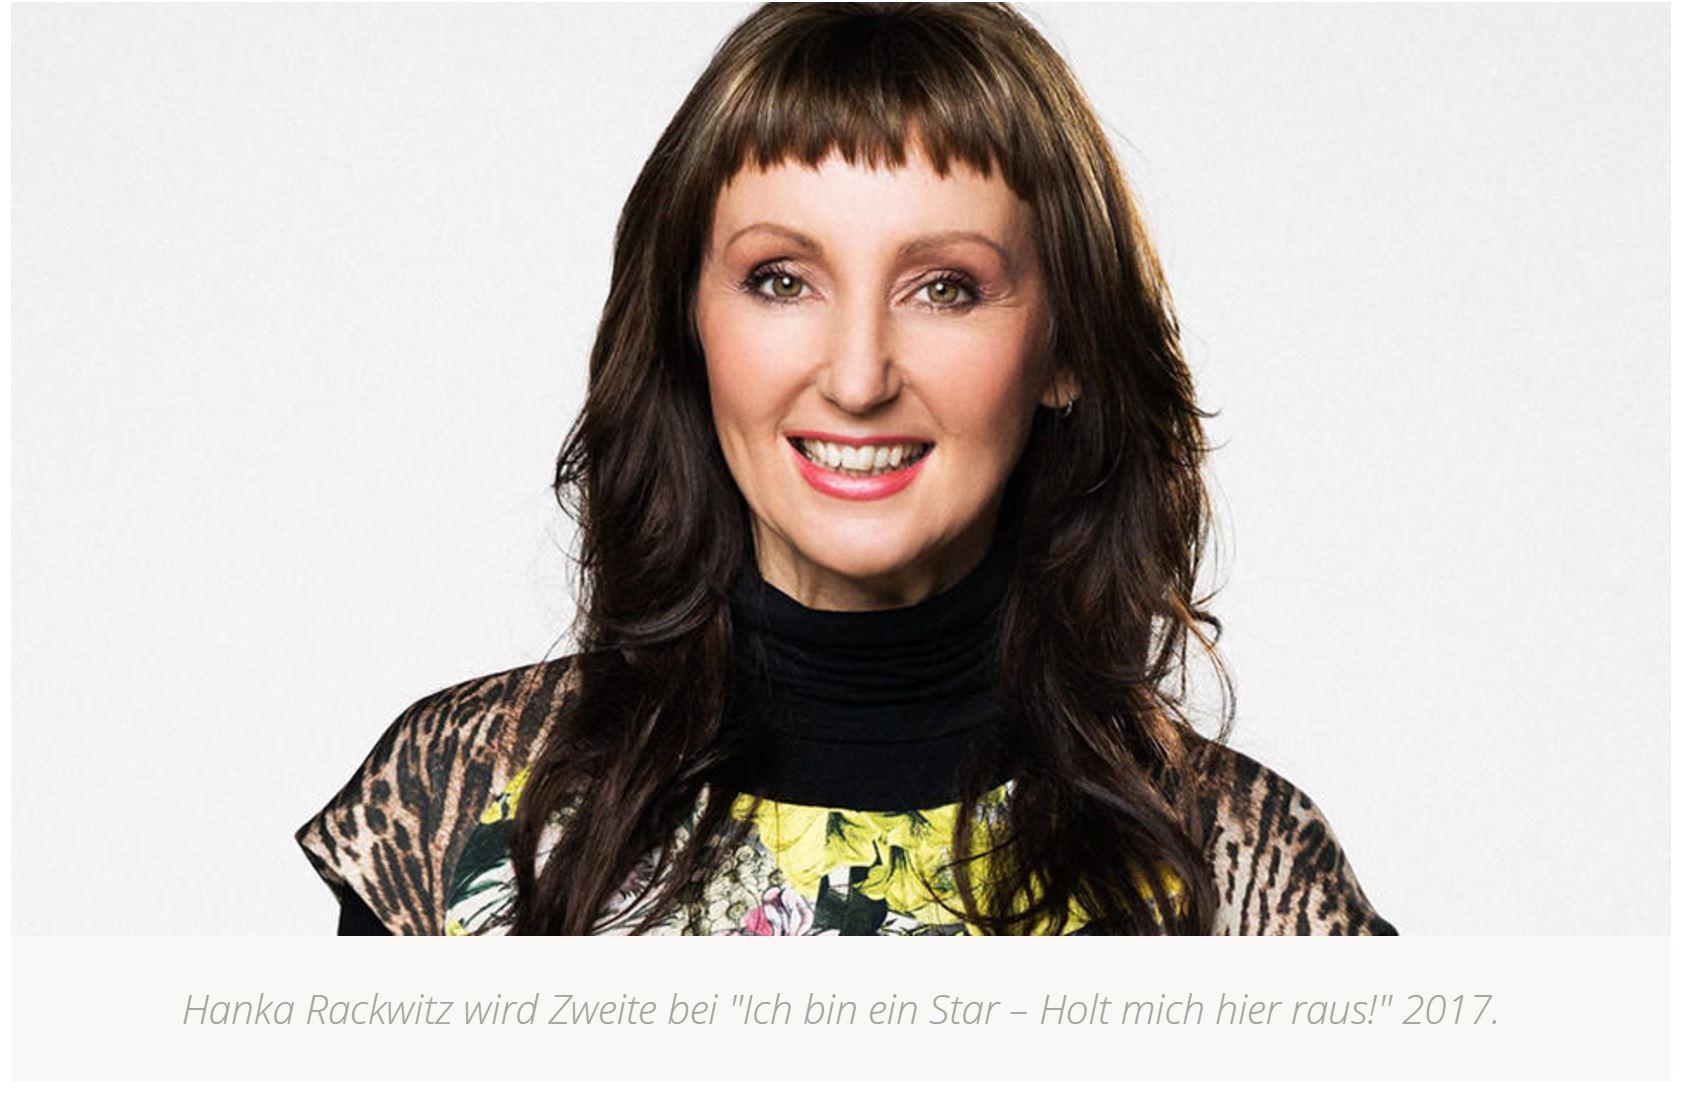 """Buchkritik: """"Ich tick nicht richtig"""" von Hanka Rackwitz"""